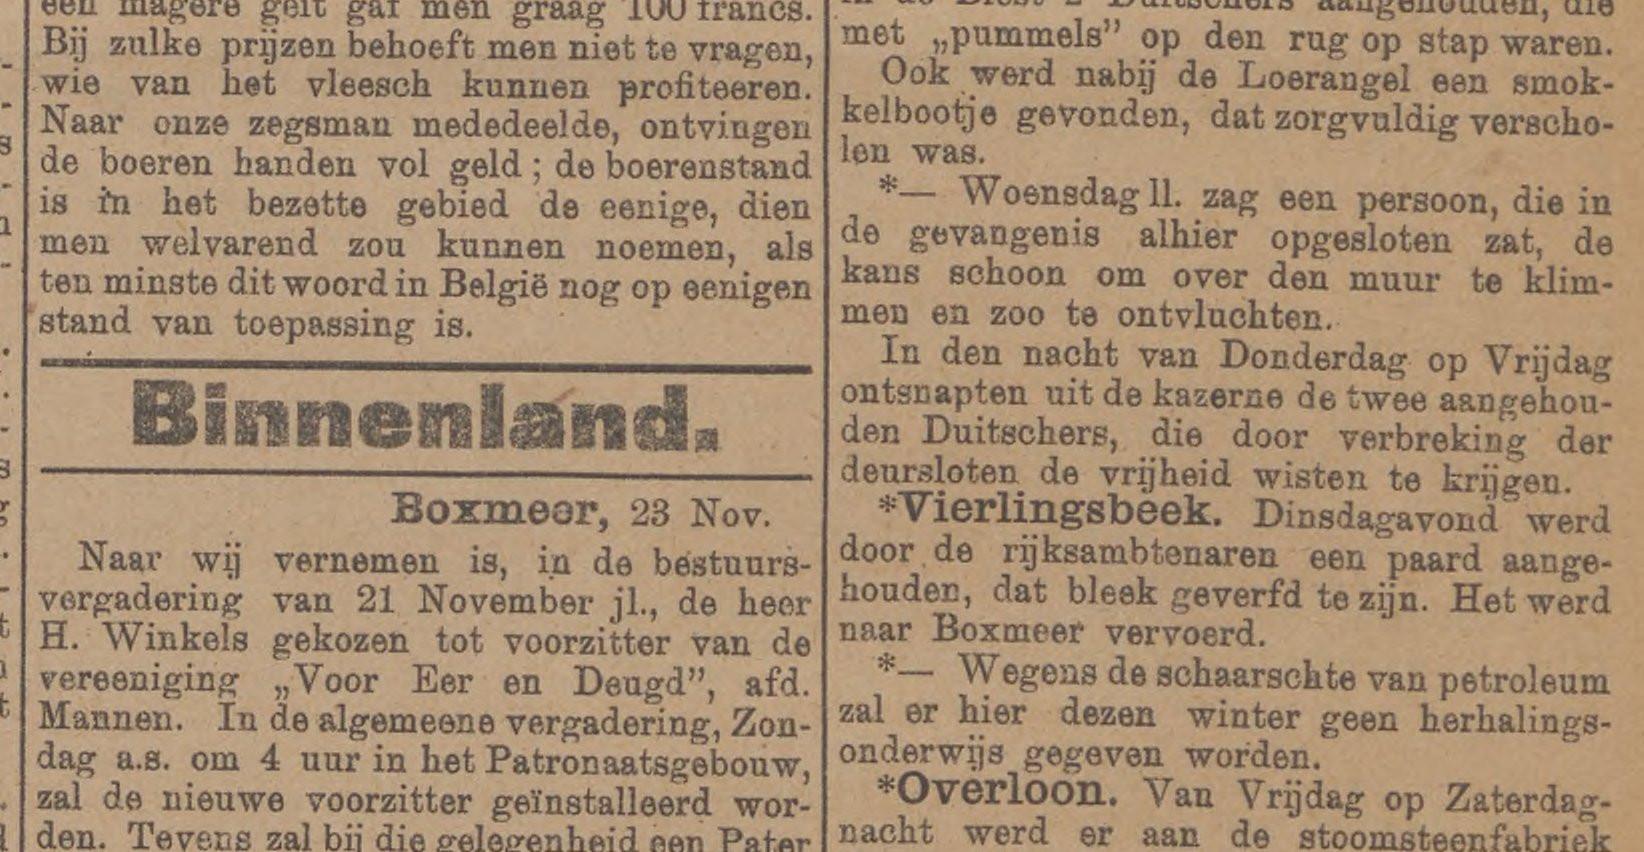 Gevangenis ontsnapt BWB1917_11 24_00001